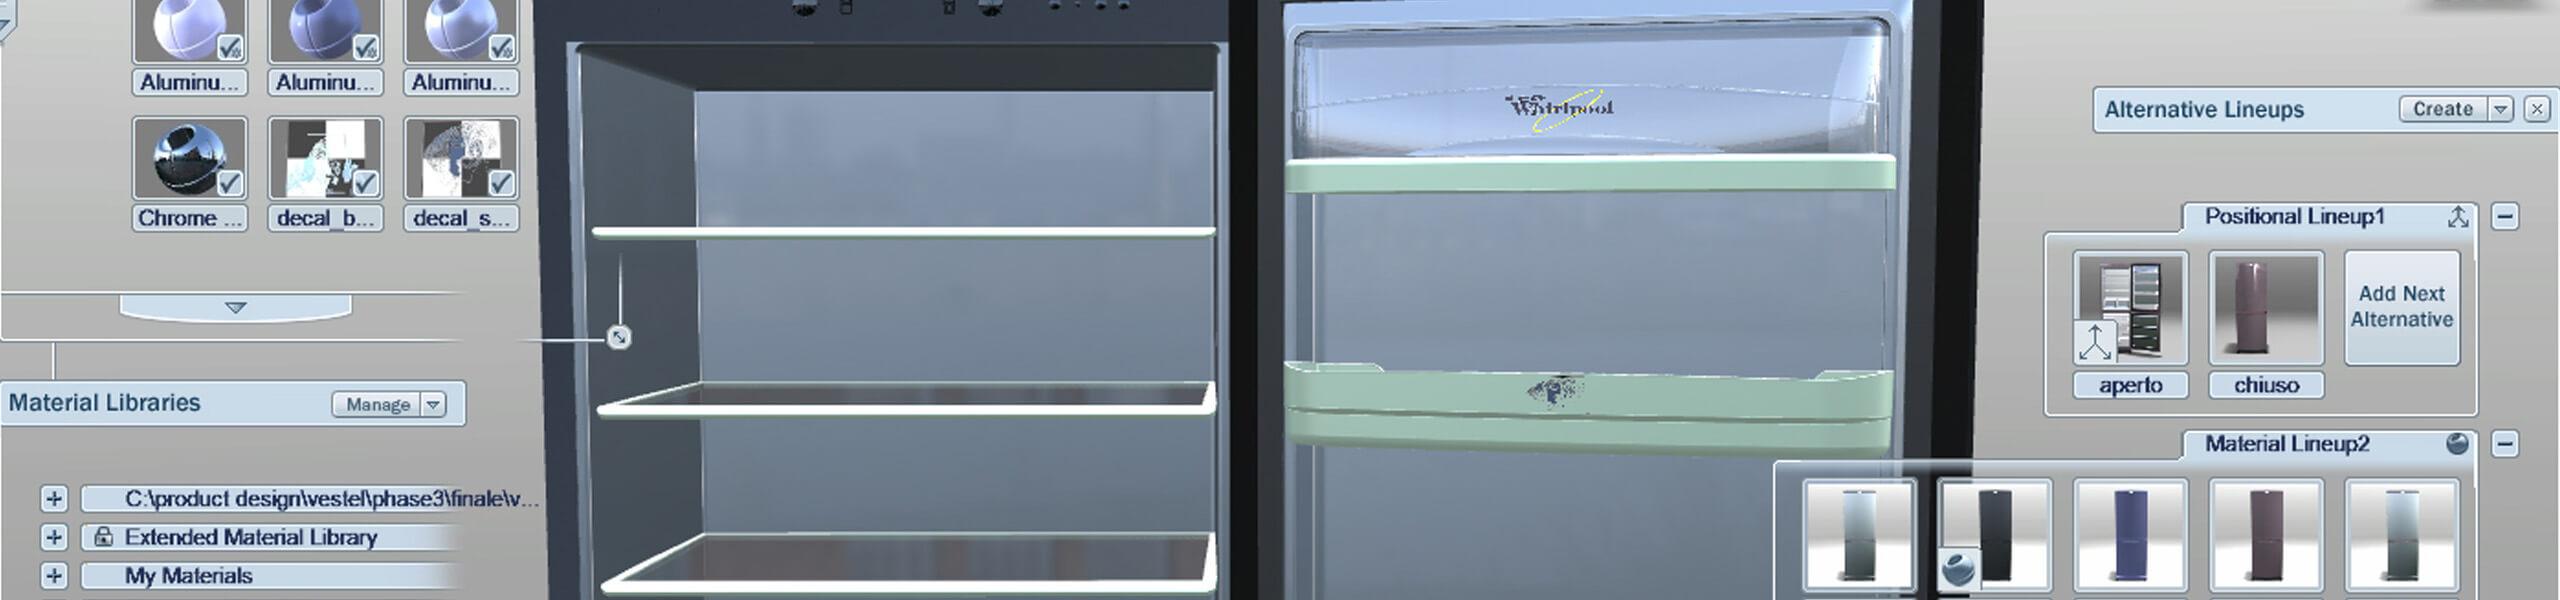 Refridgerator design